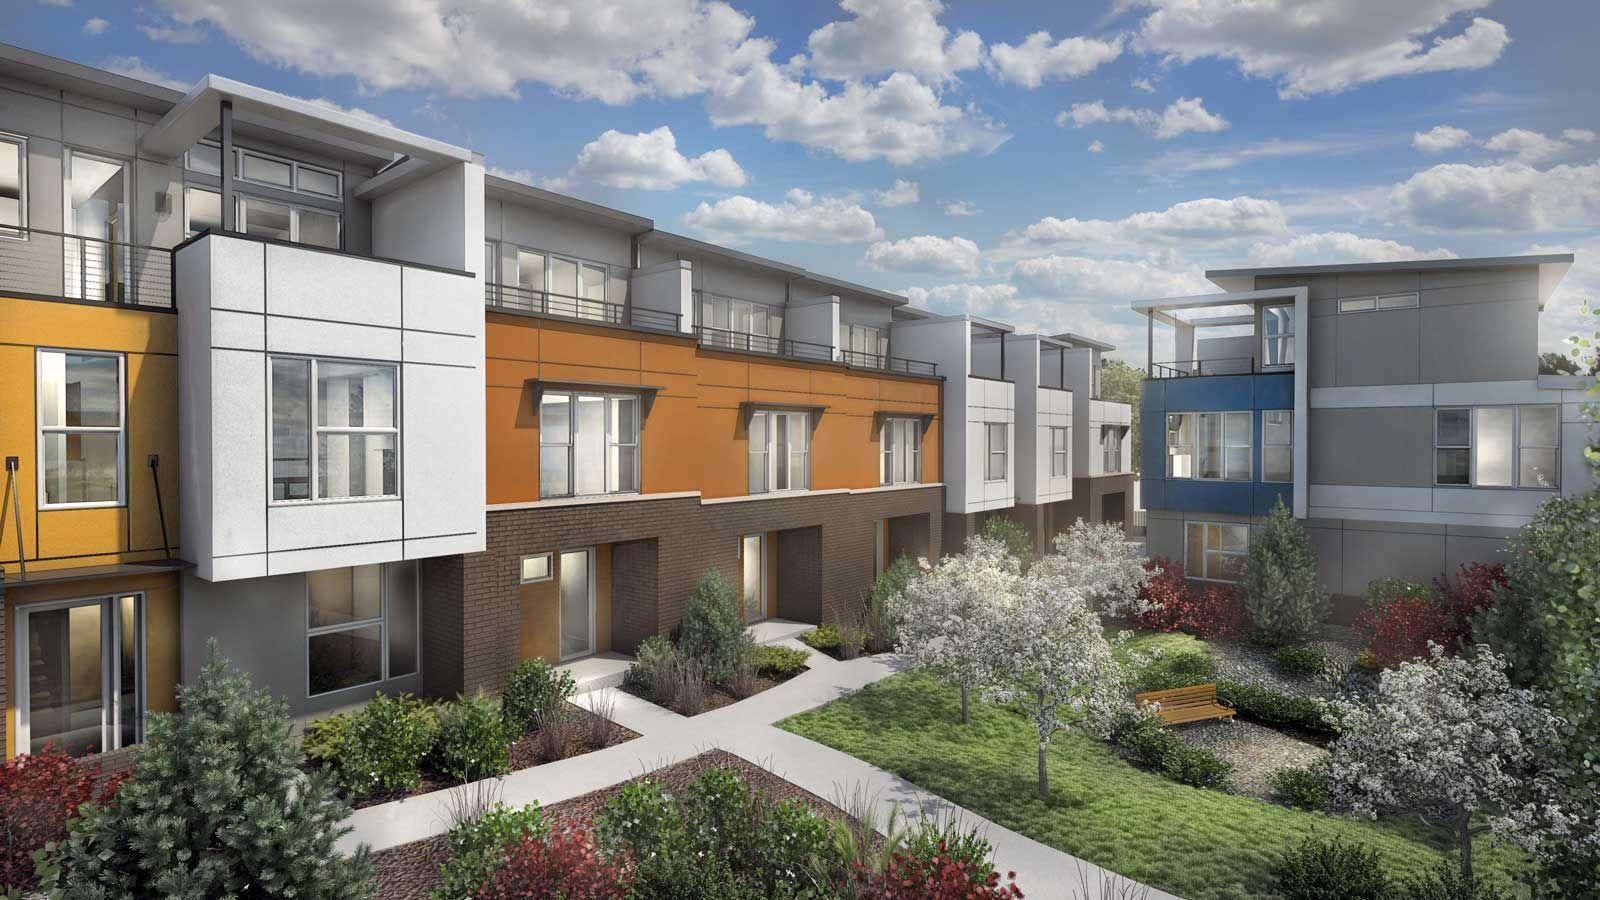 Wonderful Row House Color Ideas Part - 12: Row House Color Ideas